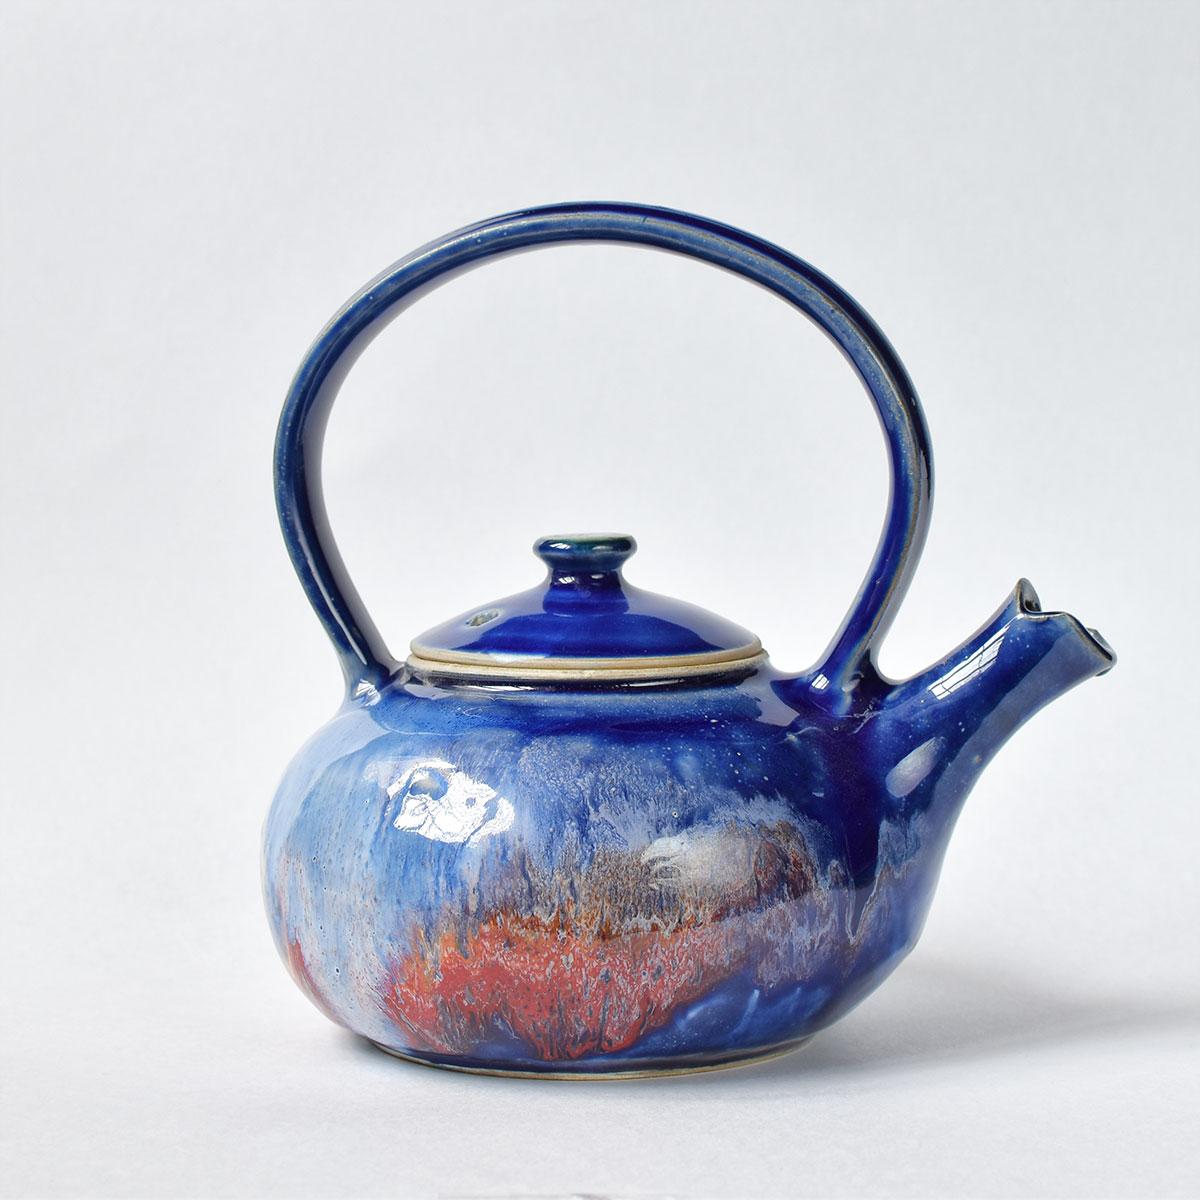 """картинка Керамический чайник """"Айсберг"""" - DishWishes.Ru"""